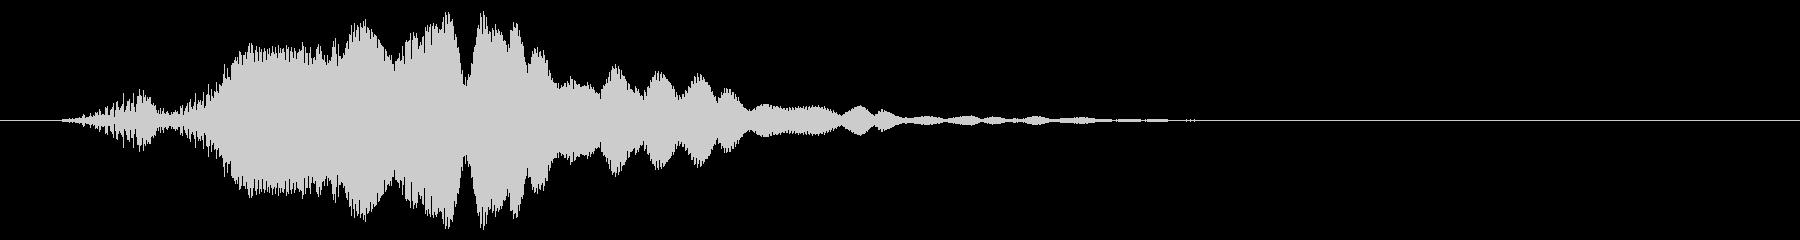 ピョッ(かわいらしいシンプルな決定音)の未再生の波形